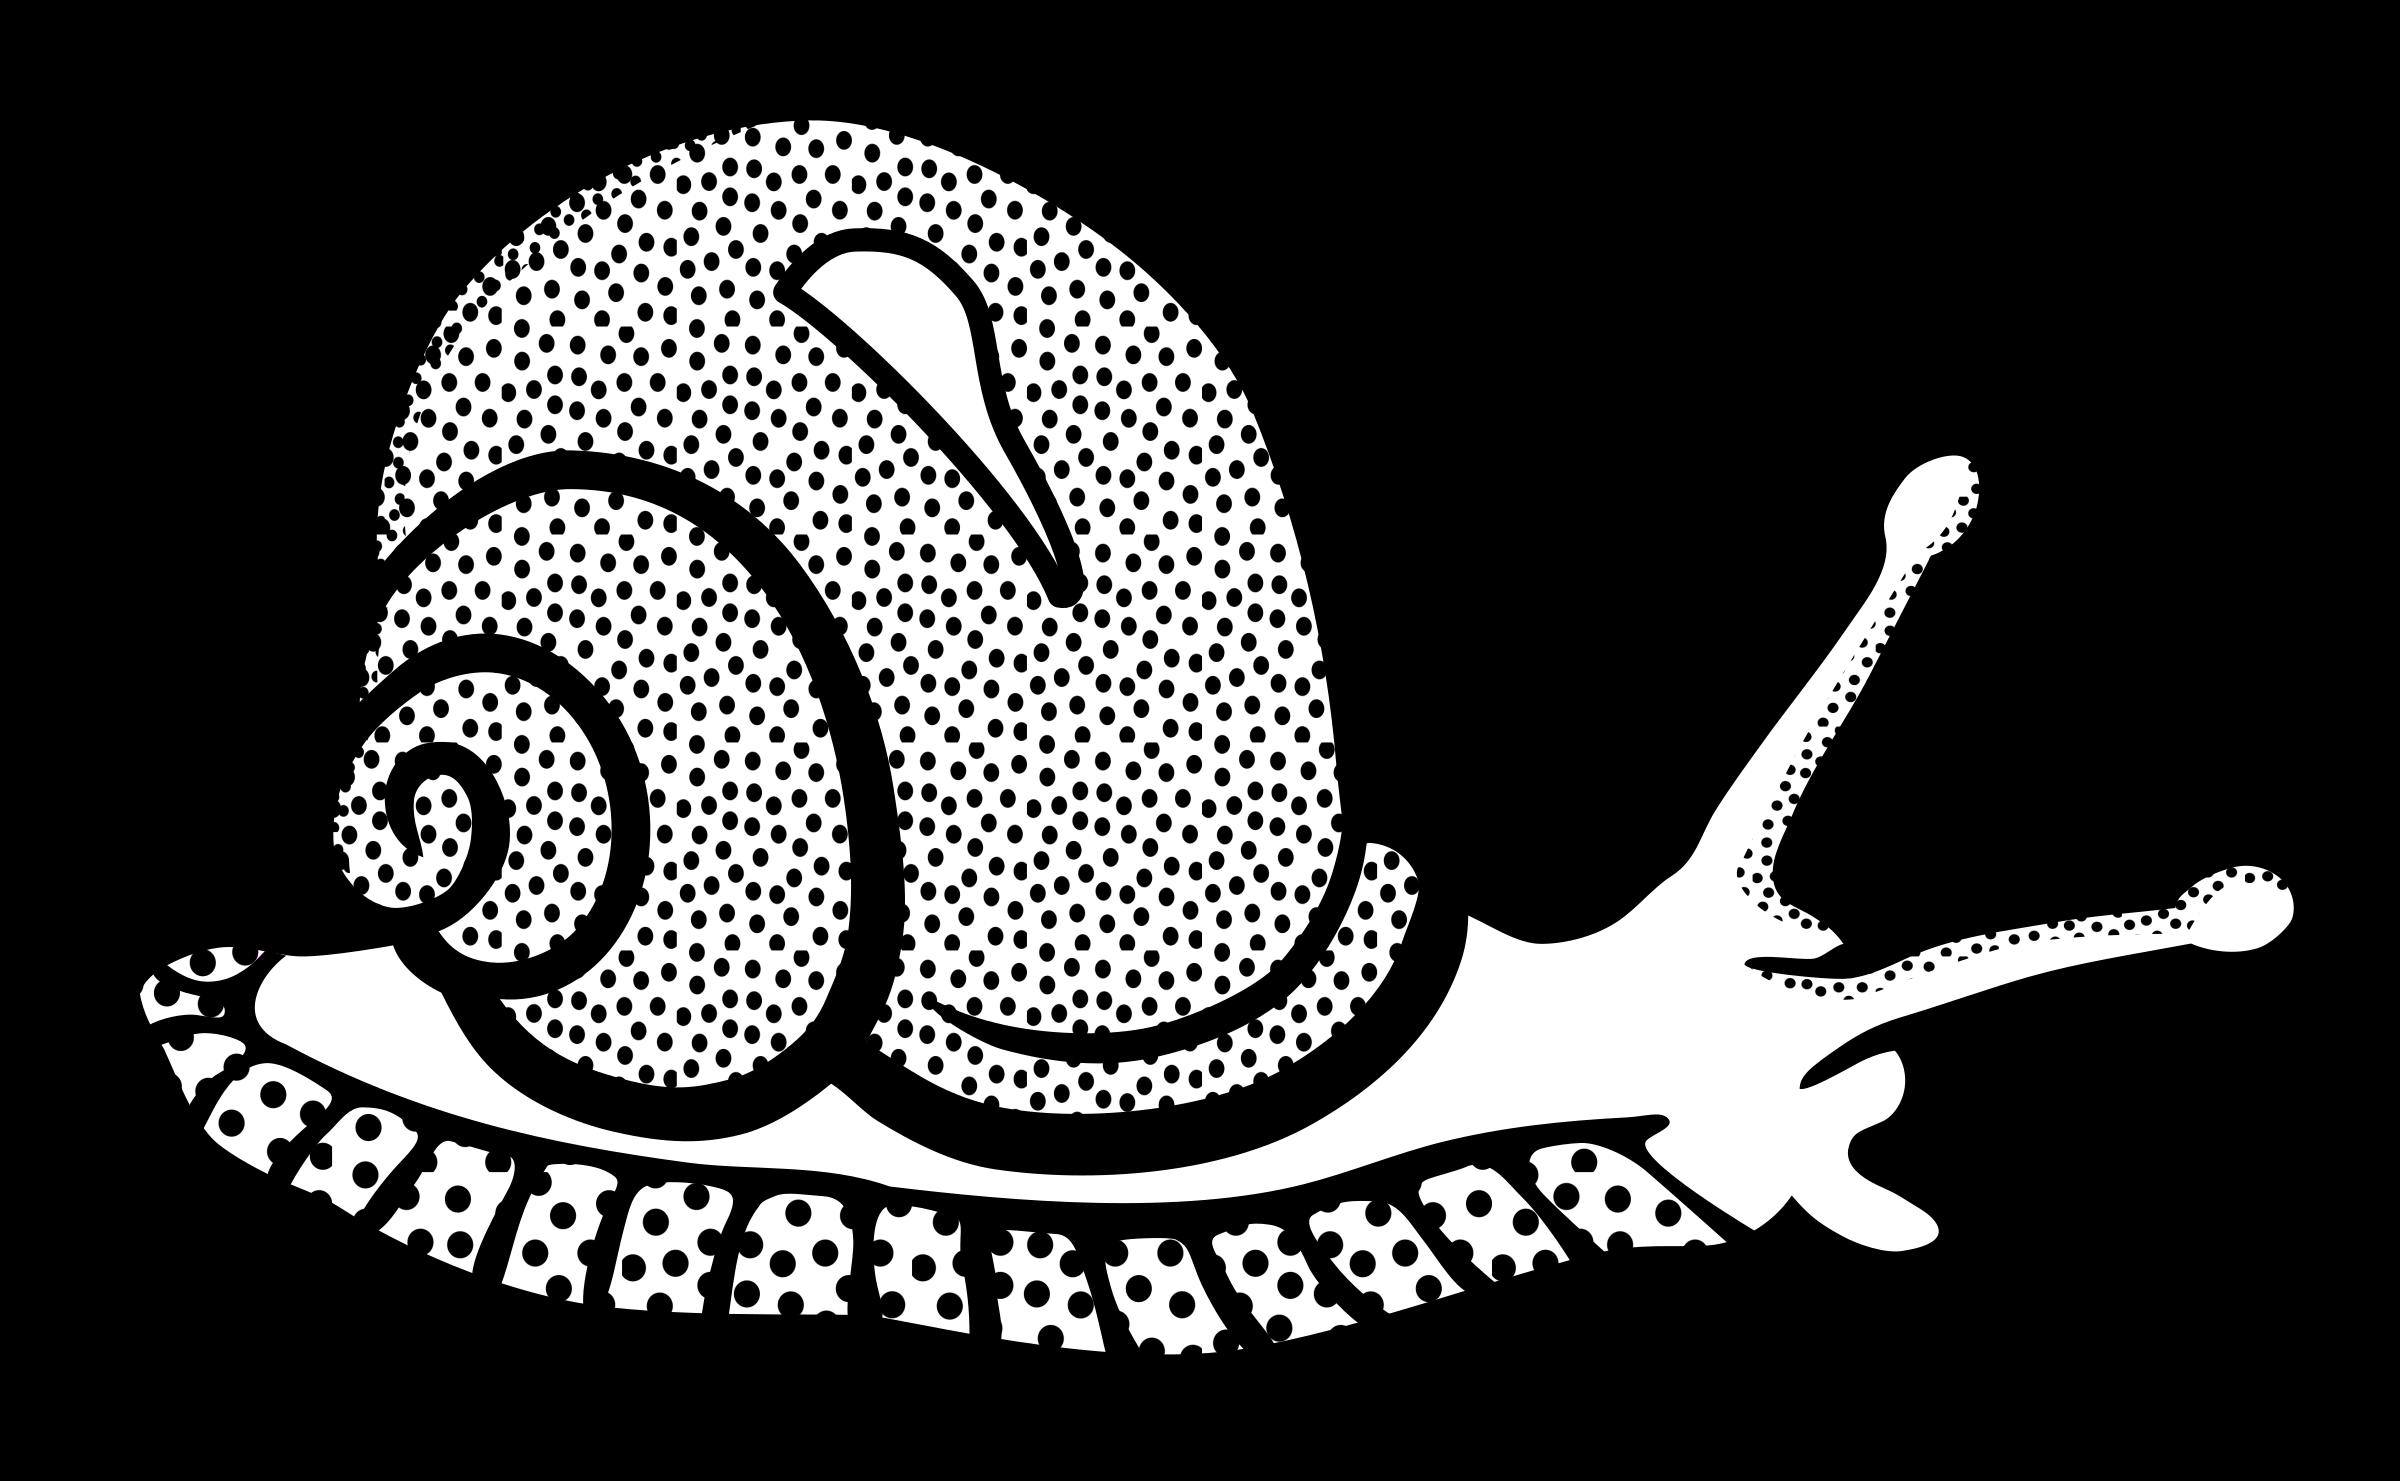 . PlusPng.com snail clip art images hd PlusPng.com  - PNG Snail Black And White